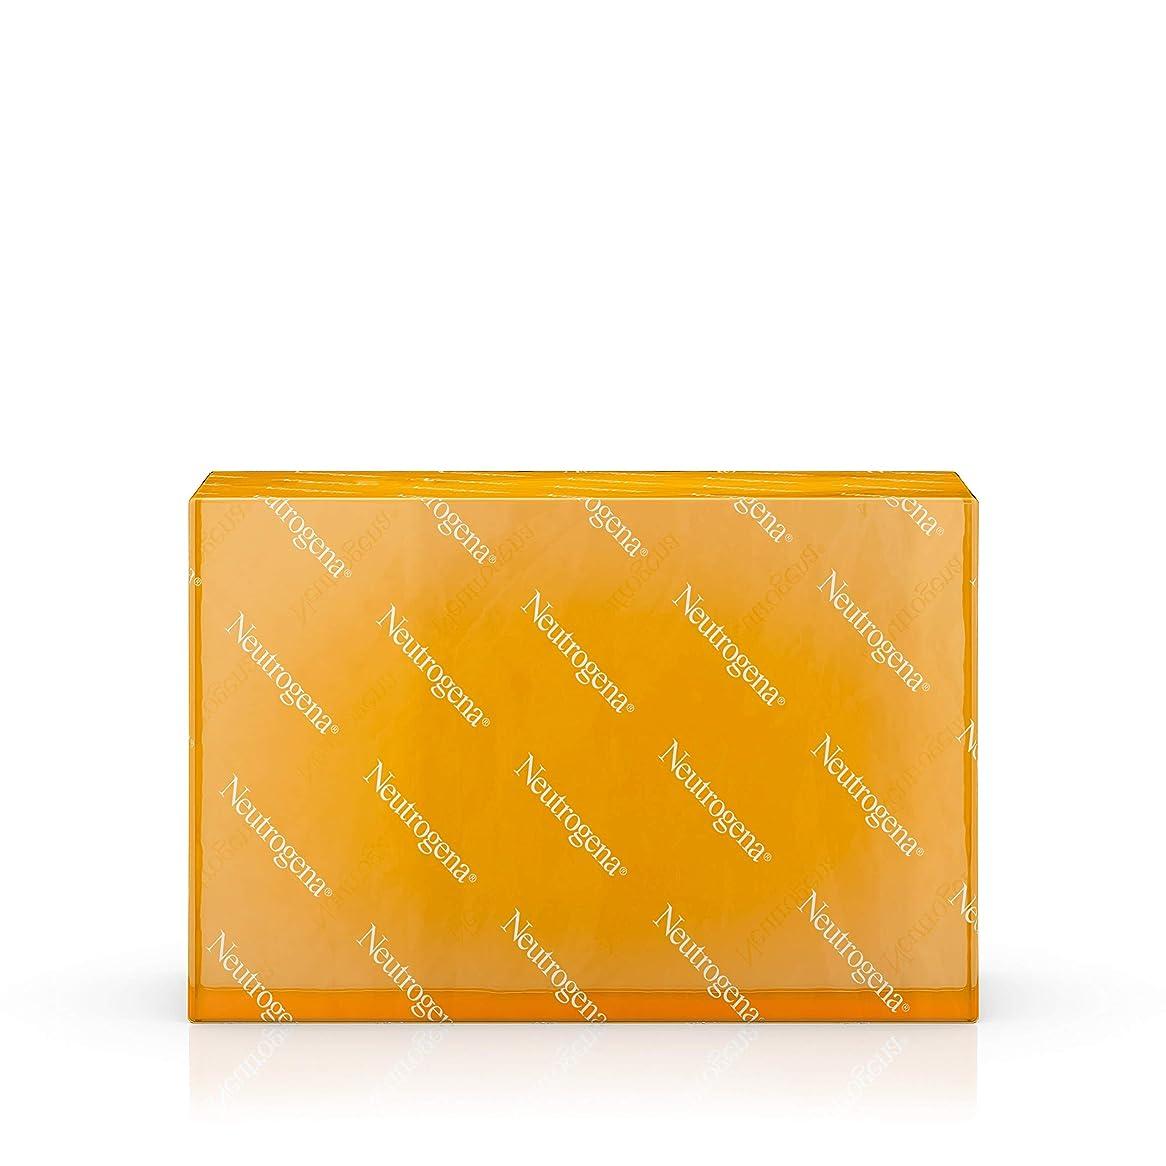 食事を調理する伝染性のスカート海外直送品 Neutrogena Neutrogena Transparent Facial Bar Soap Fragrance Free, Fragrance Free 3.5 oz